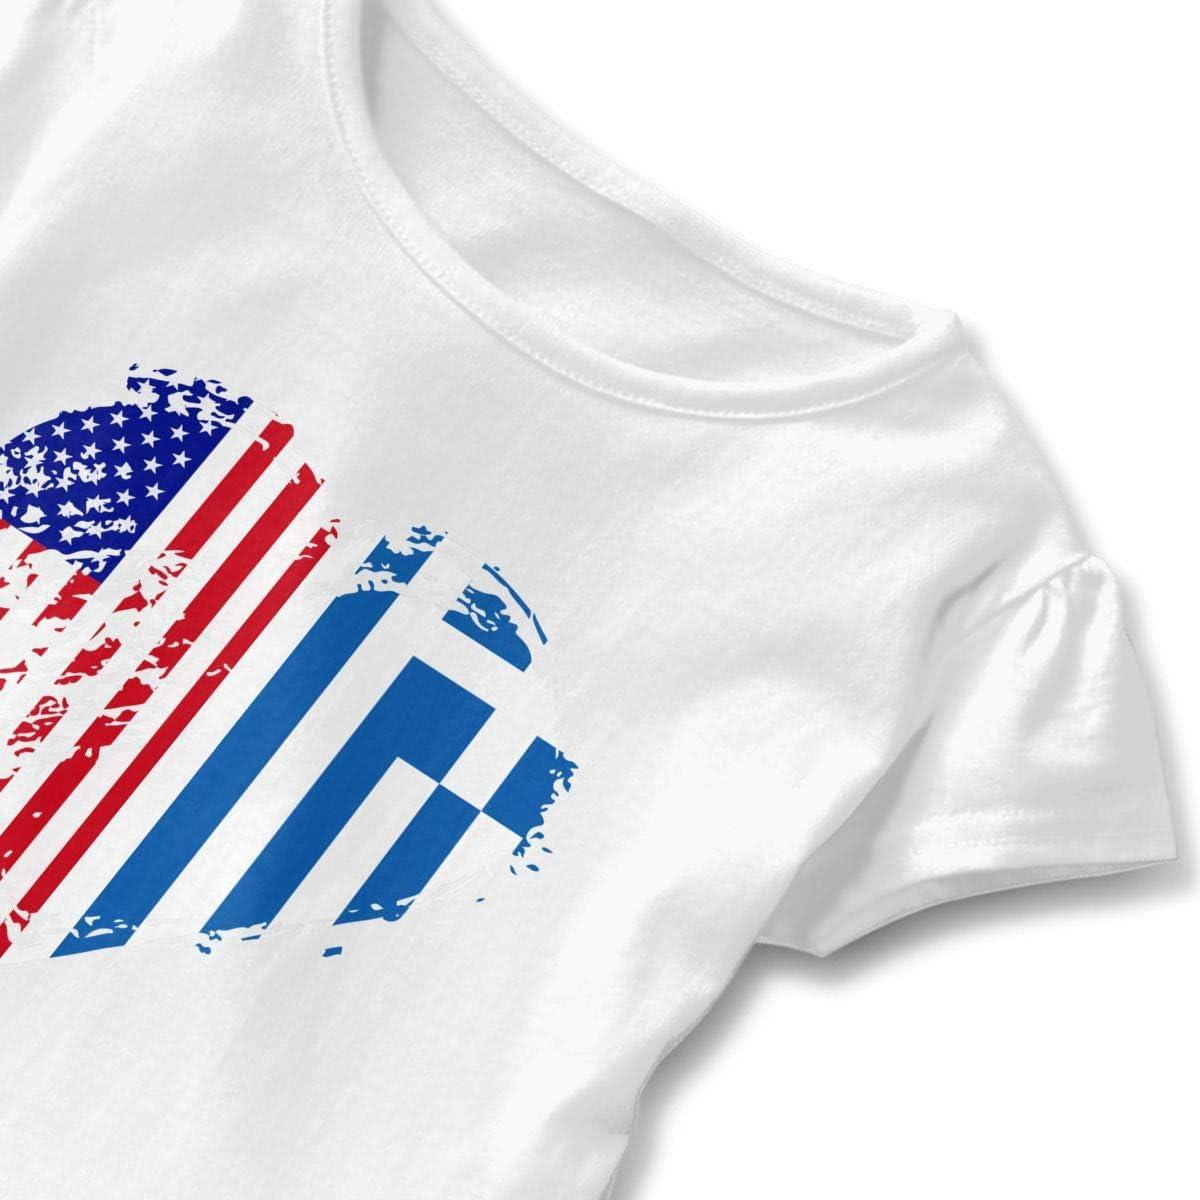 26NSHIRT Grungy Greece Greek American Flag Heart Little Girls Short Sleeve Peplum Tops